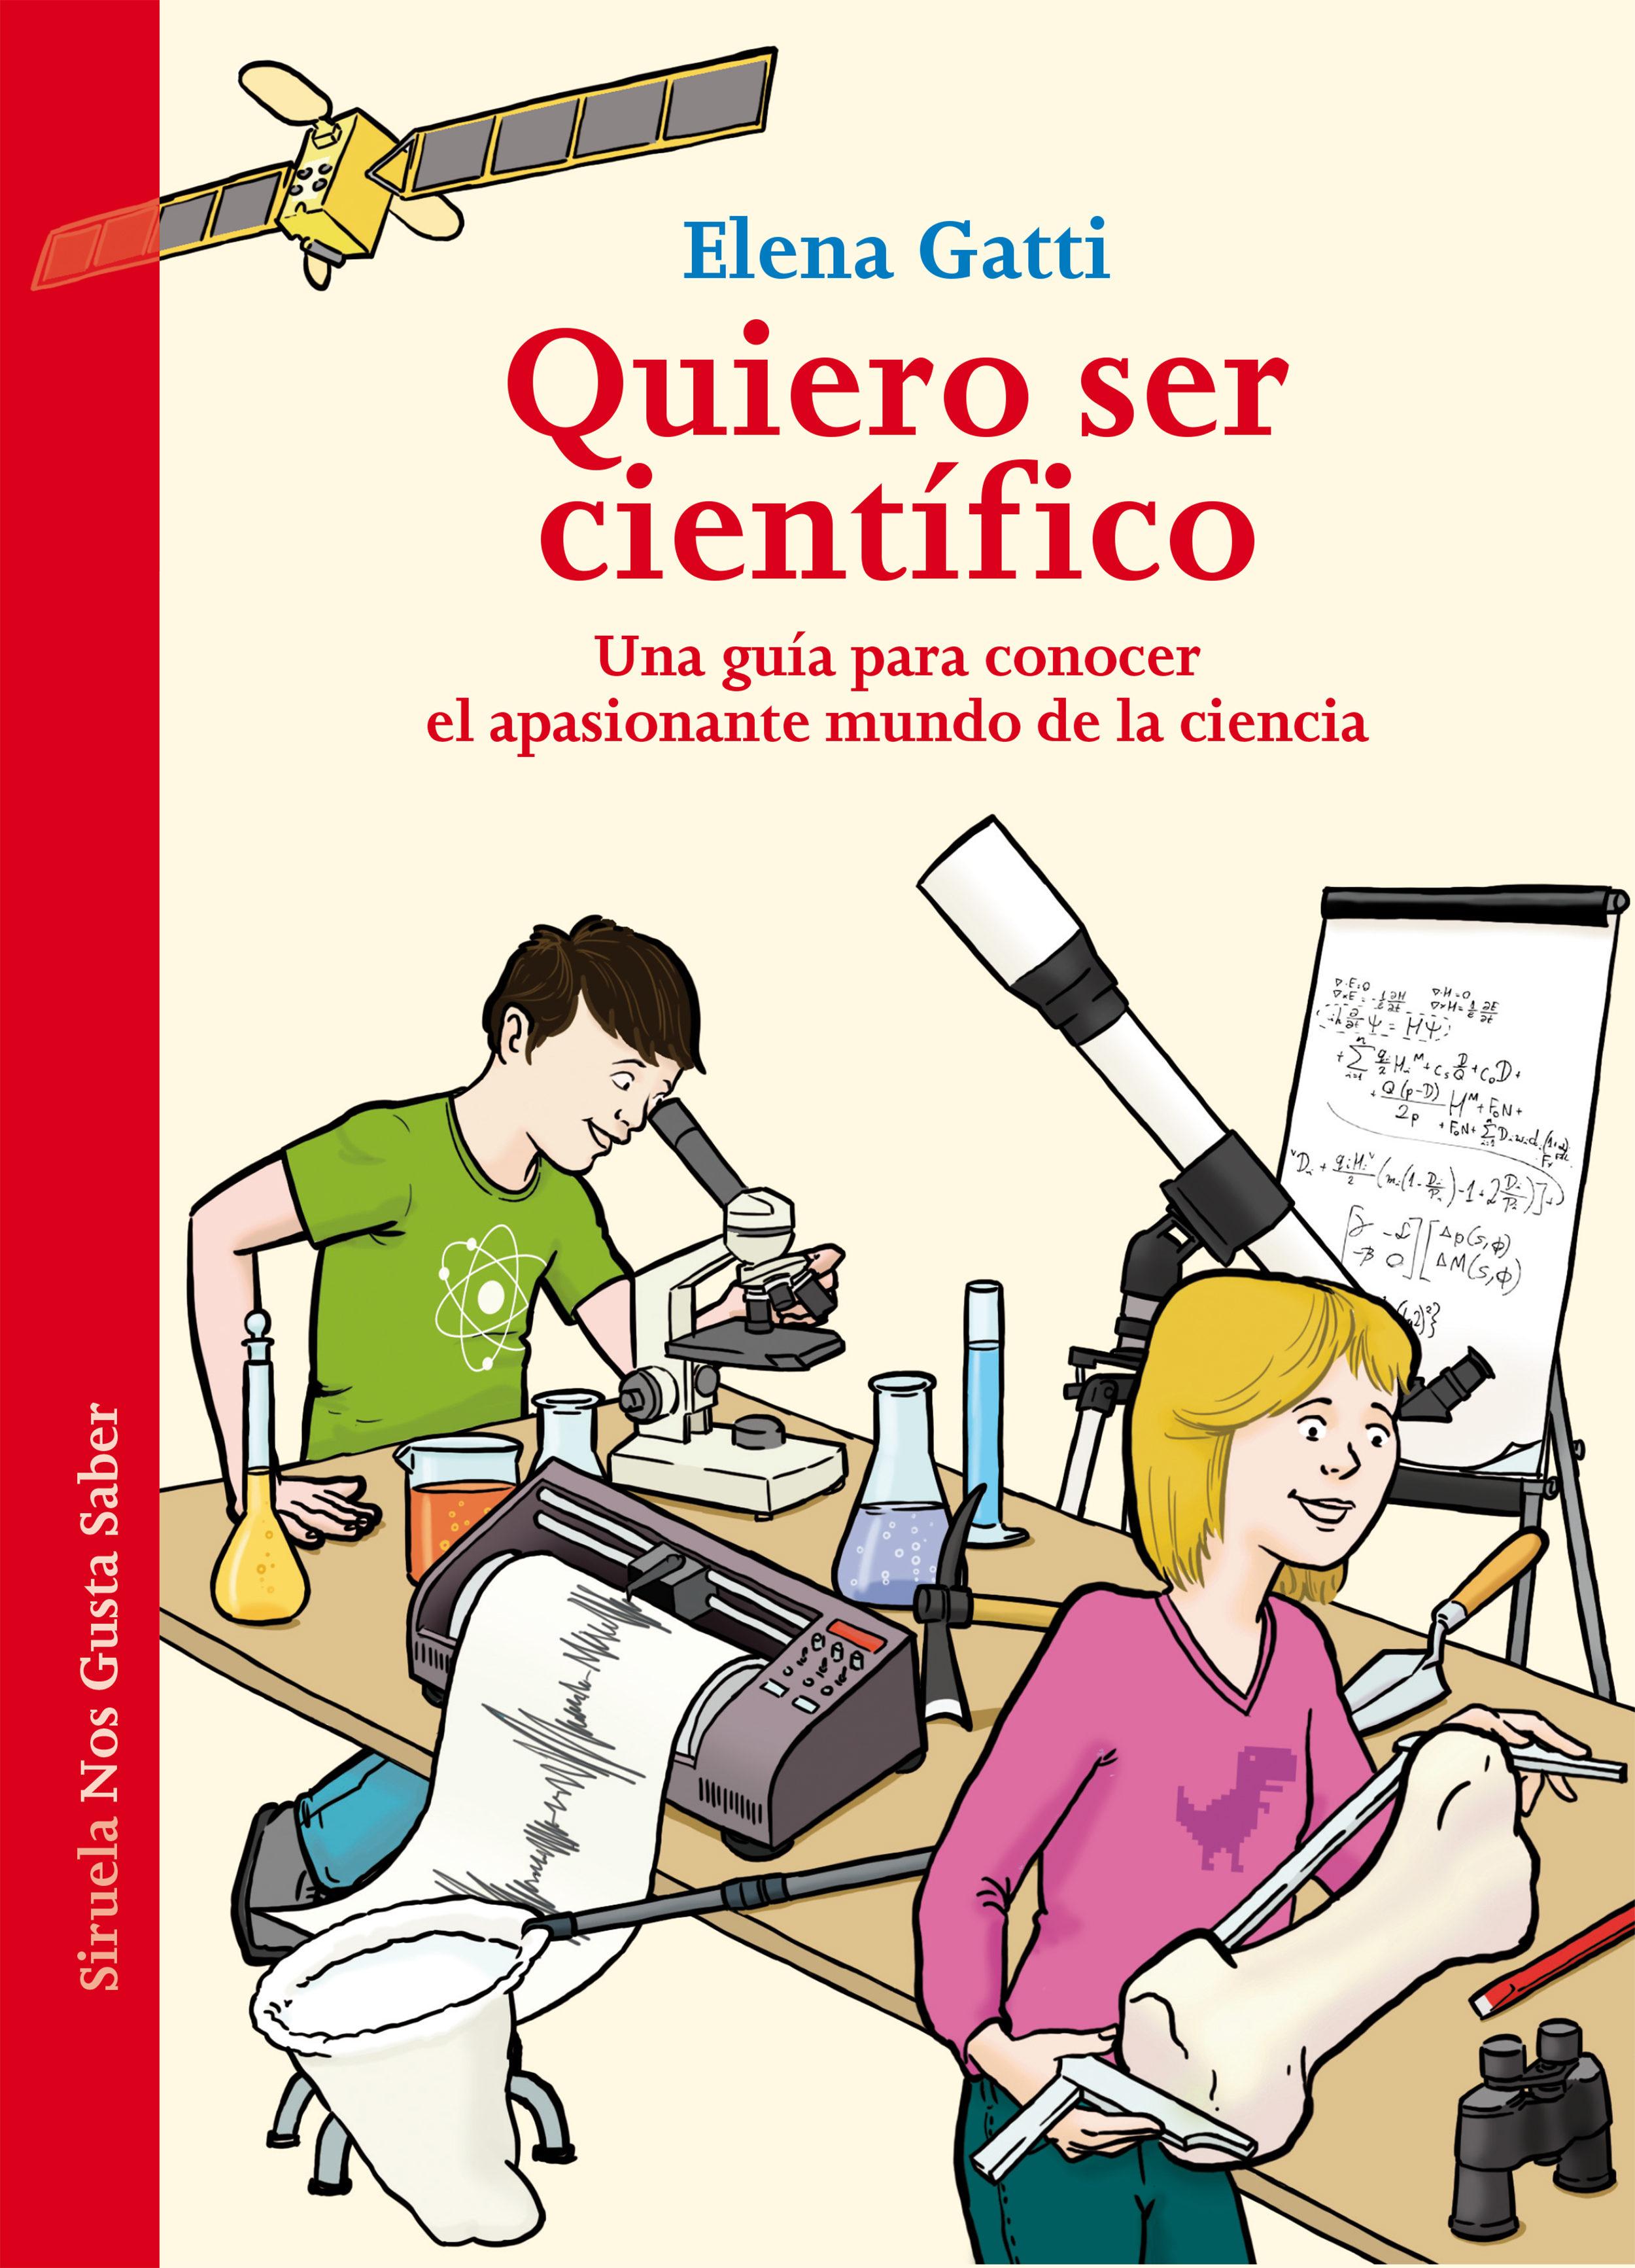 Quiero Ser Cientifico: Una Guia Para Conocer El Apasionante Mundo De La Ciencia por Elena Gatti